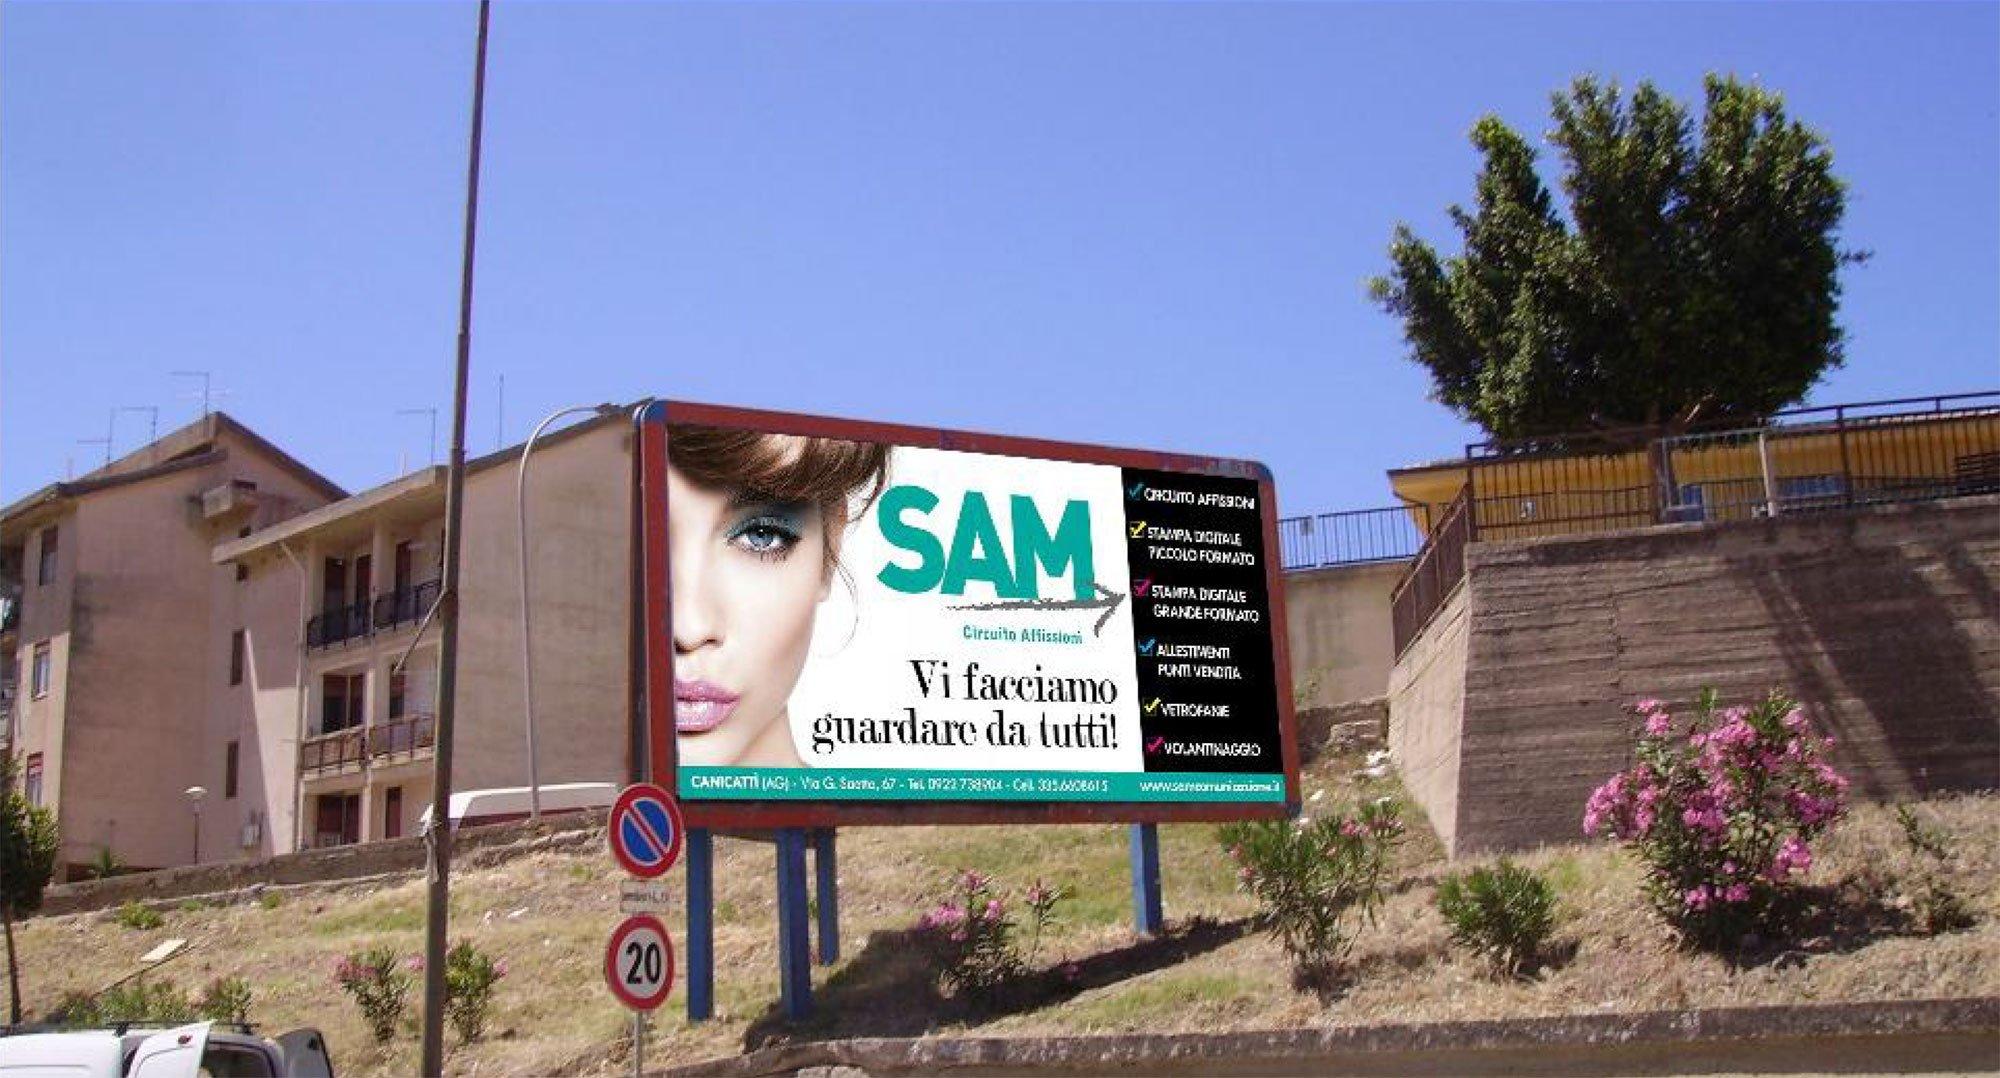 Professionisti della pubblicità a Canicattì